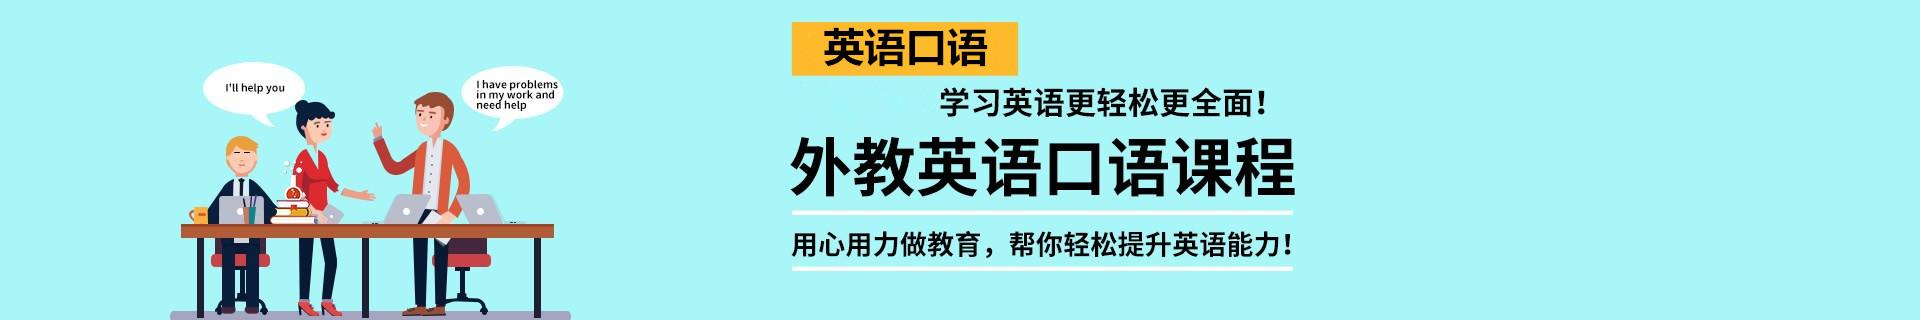 武汉枫叶新航道英语培训